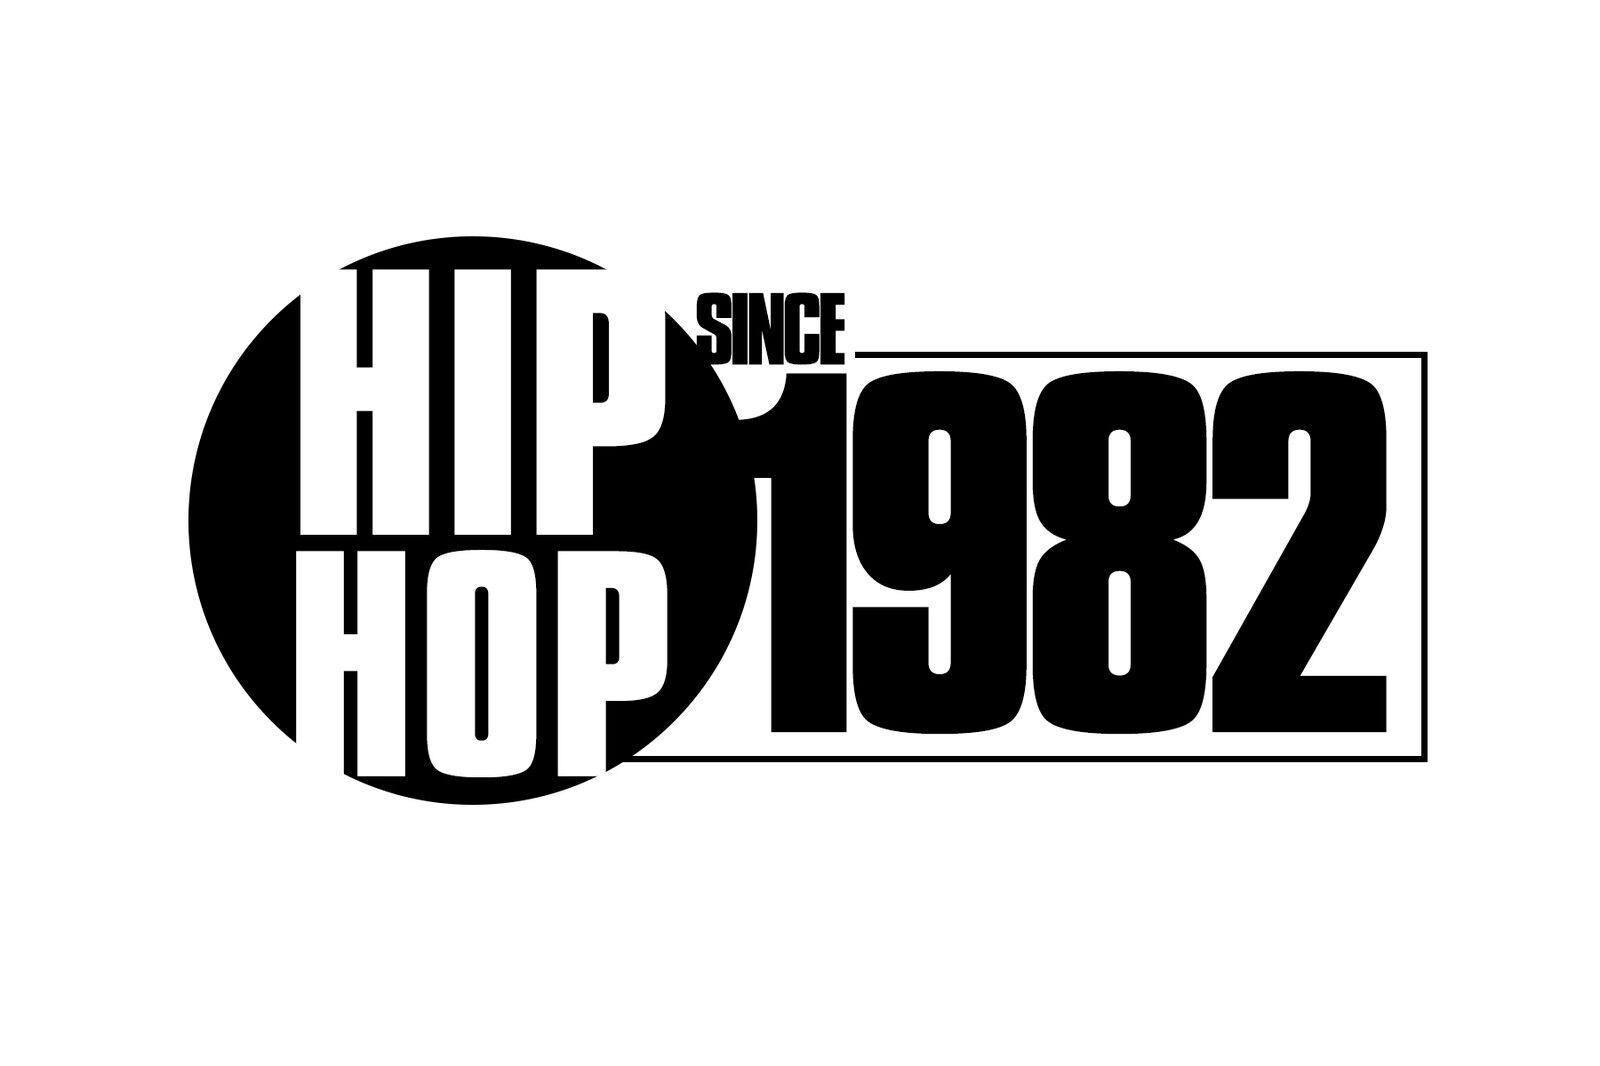 hiphopsince1982